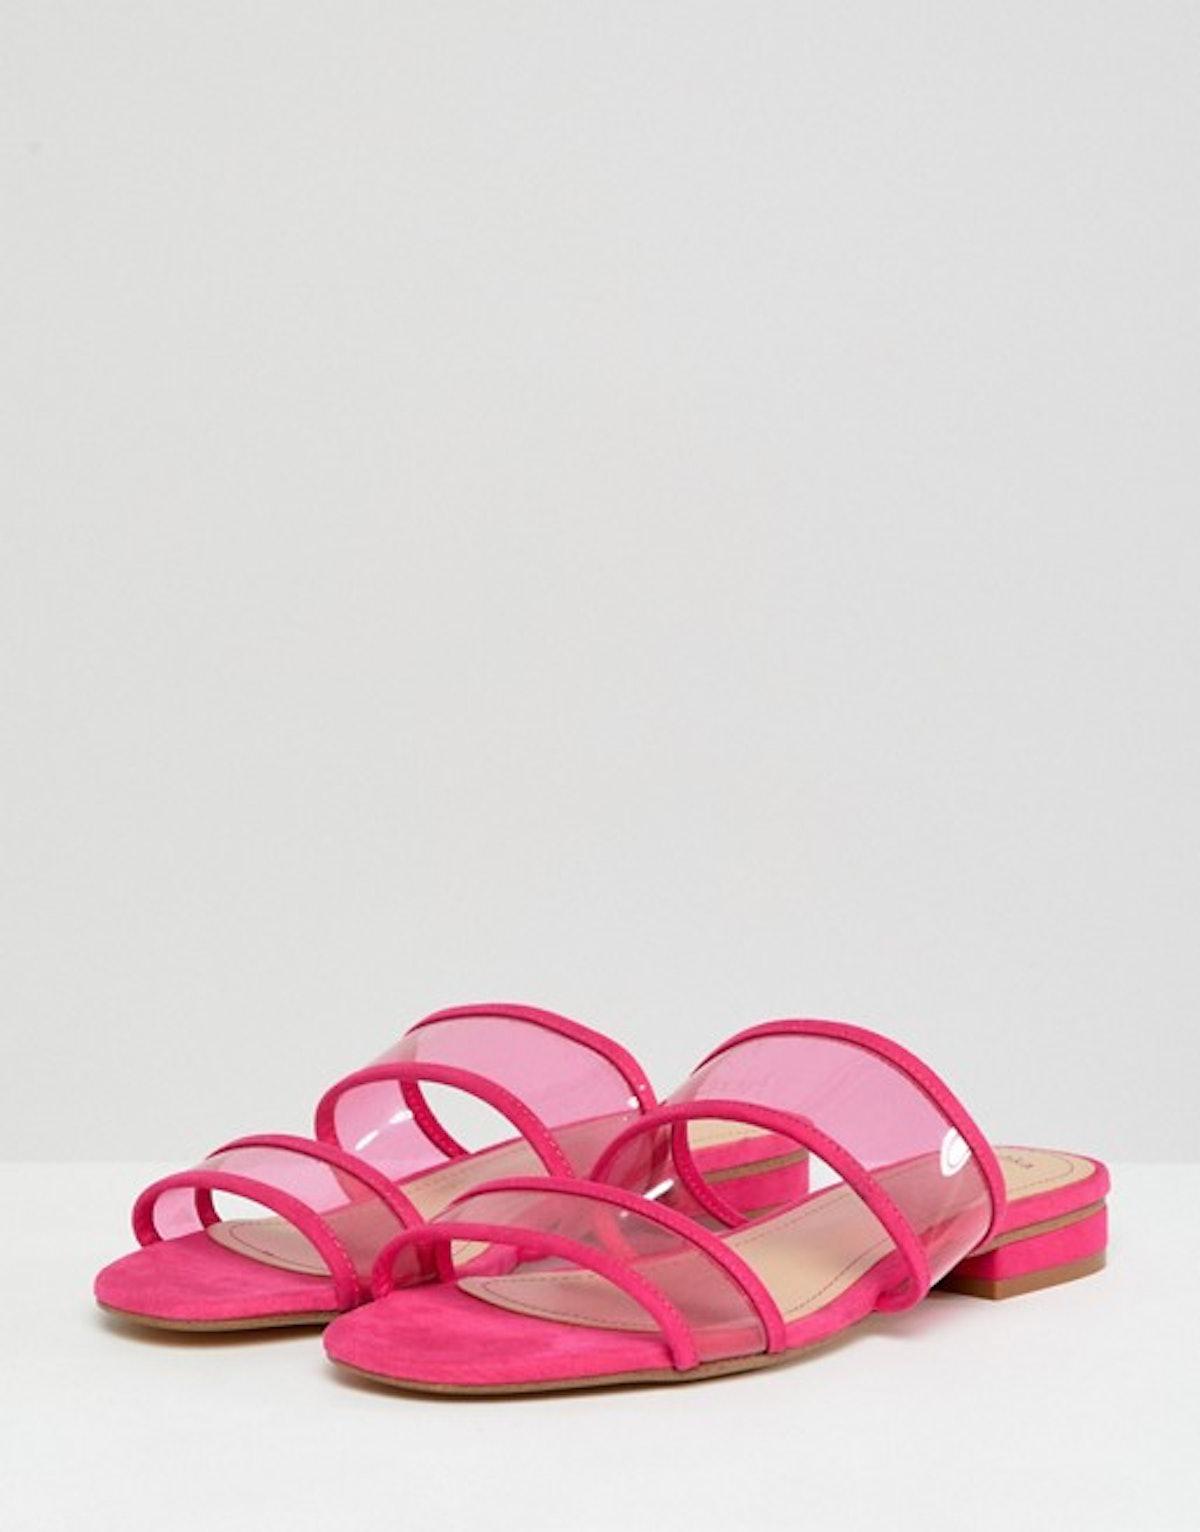 Bershka mesh strap flat sandals